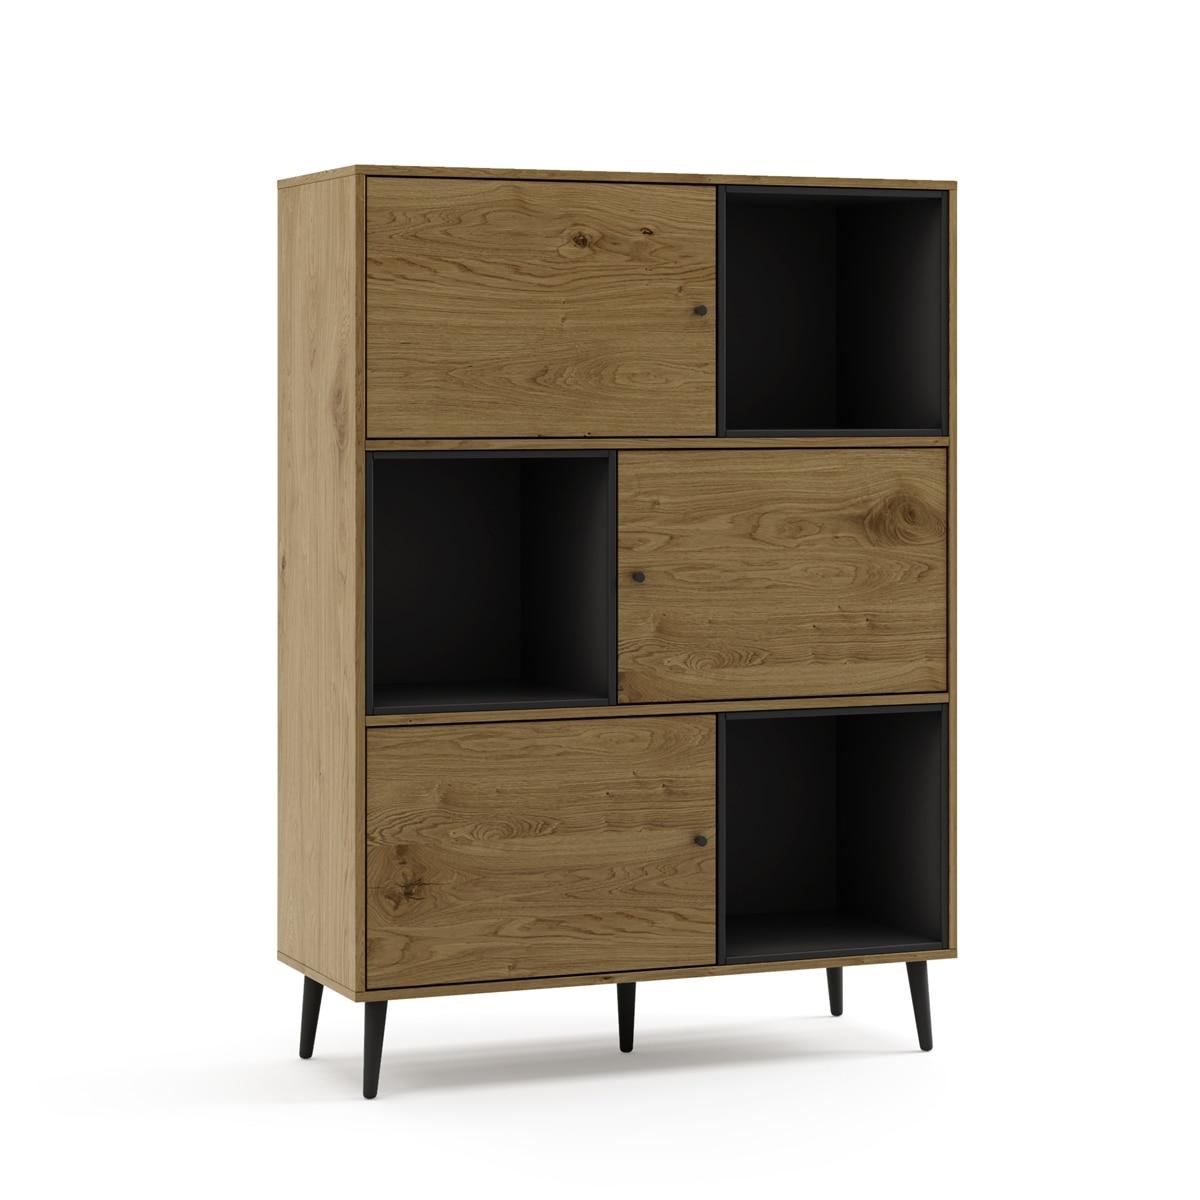 Modern Sideboard Shelves For Dining Room Salon Dorm Room Receiver De Design Custom Wood Finishes Mdf & Black 100x40x135cm